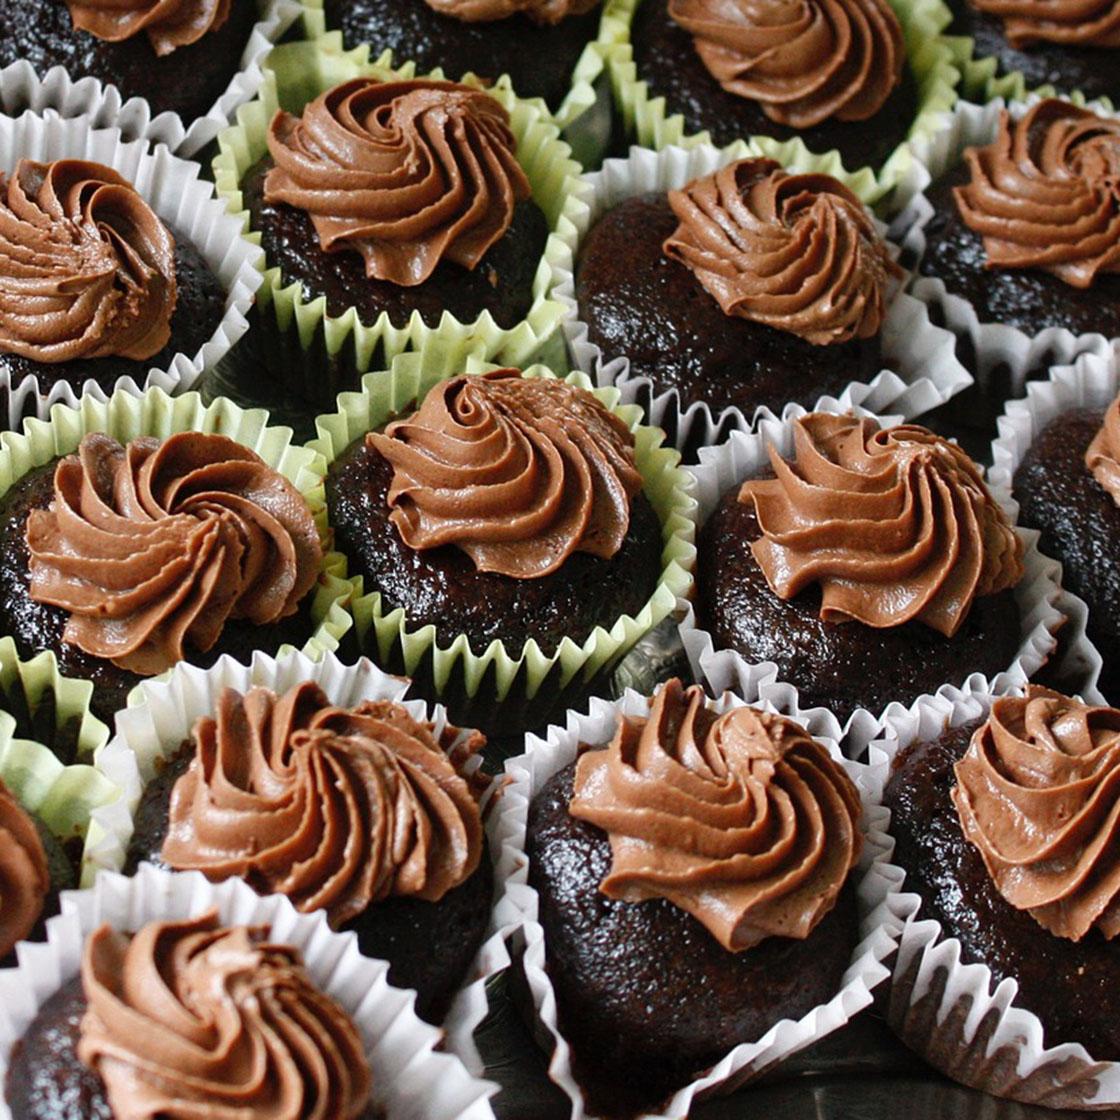 Semifreddo al cioccolato (frosting)